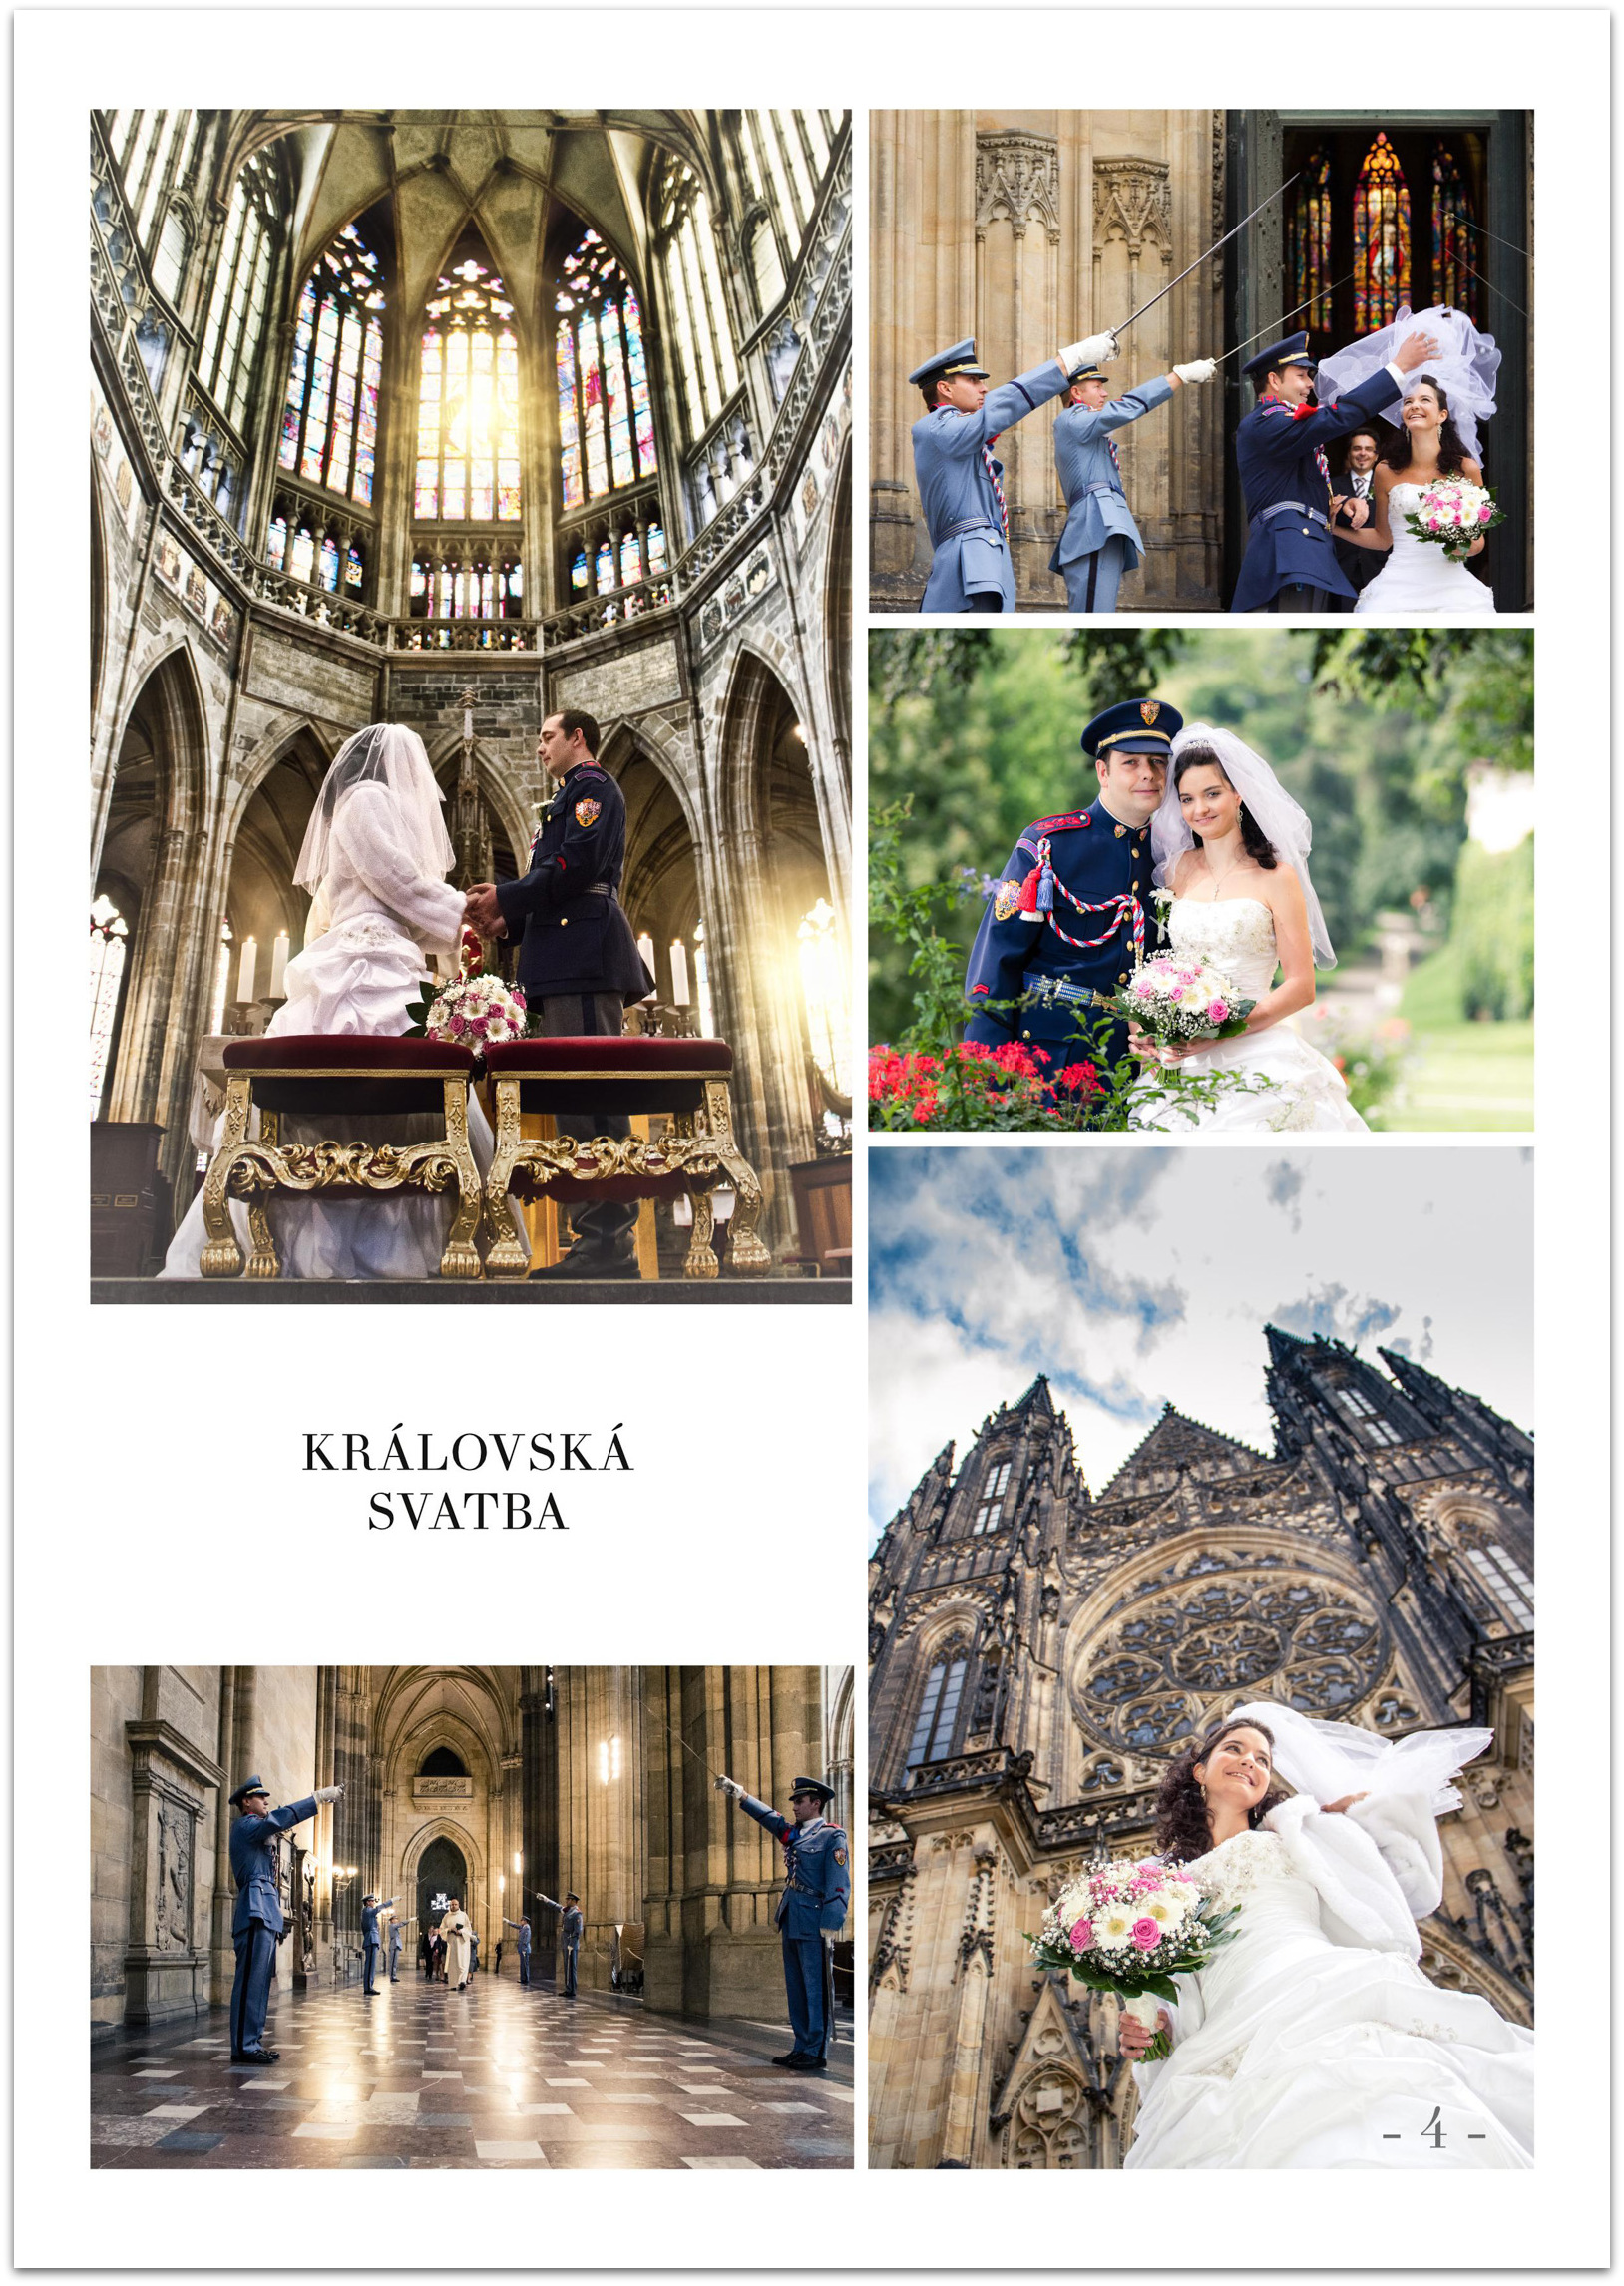 Svatební-fotograf-Praha-Svatební-fotografie-Martina-Root-FotoEmotion--6